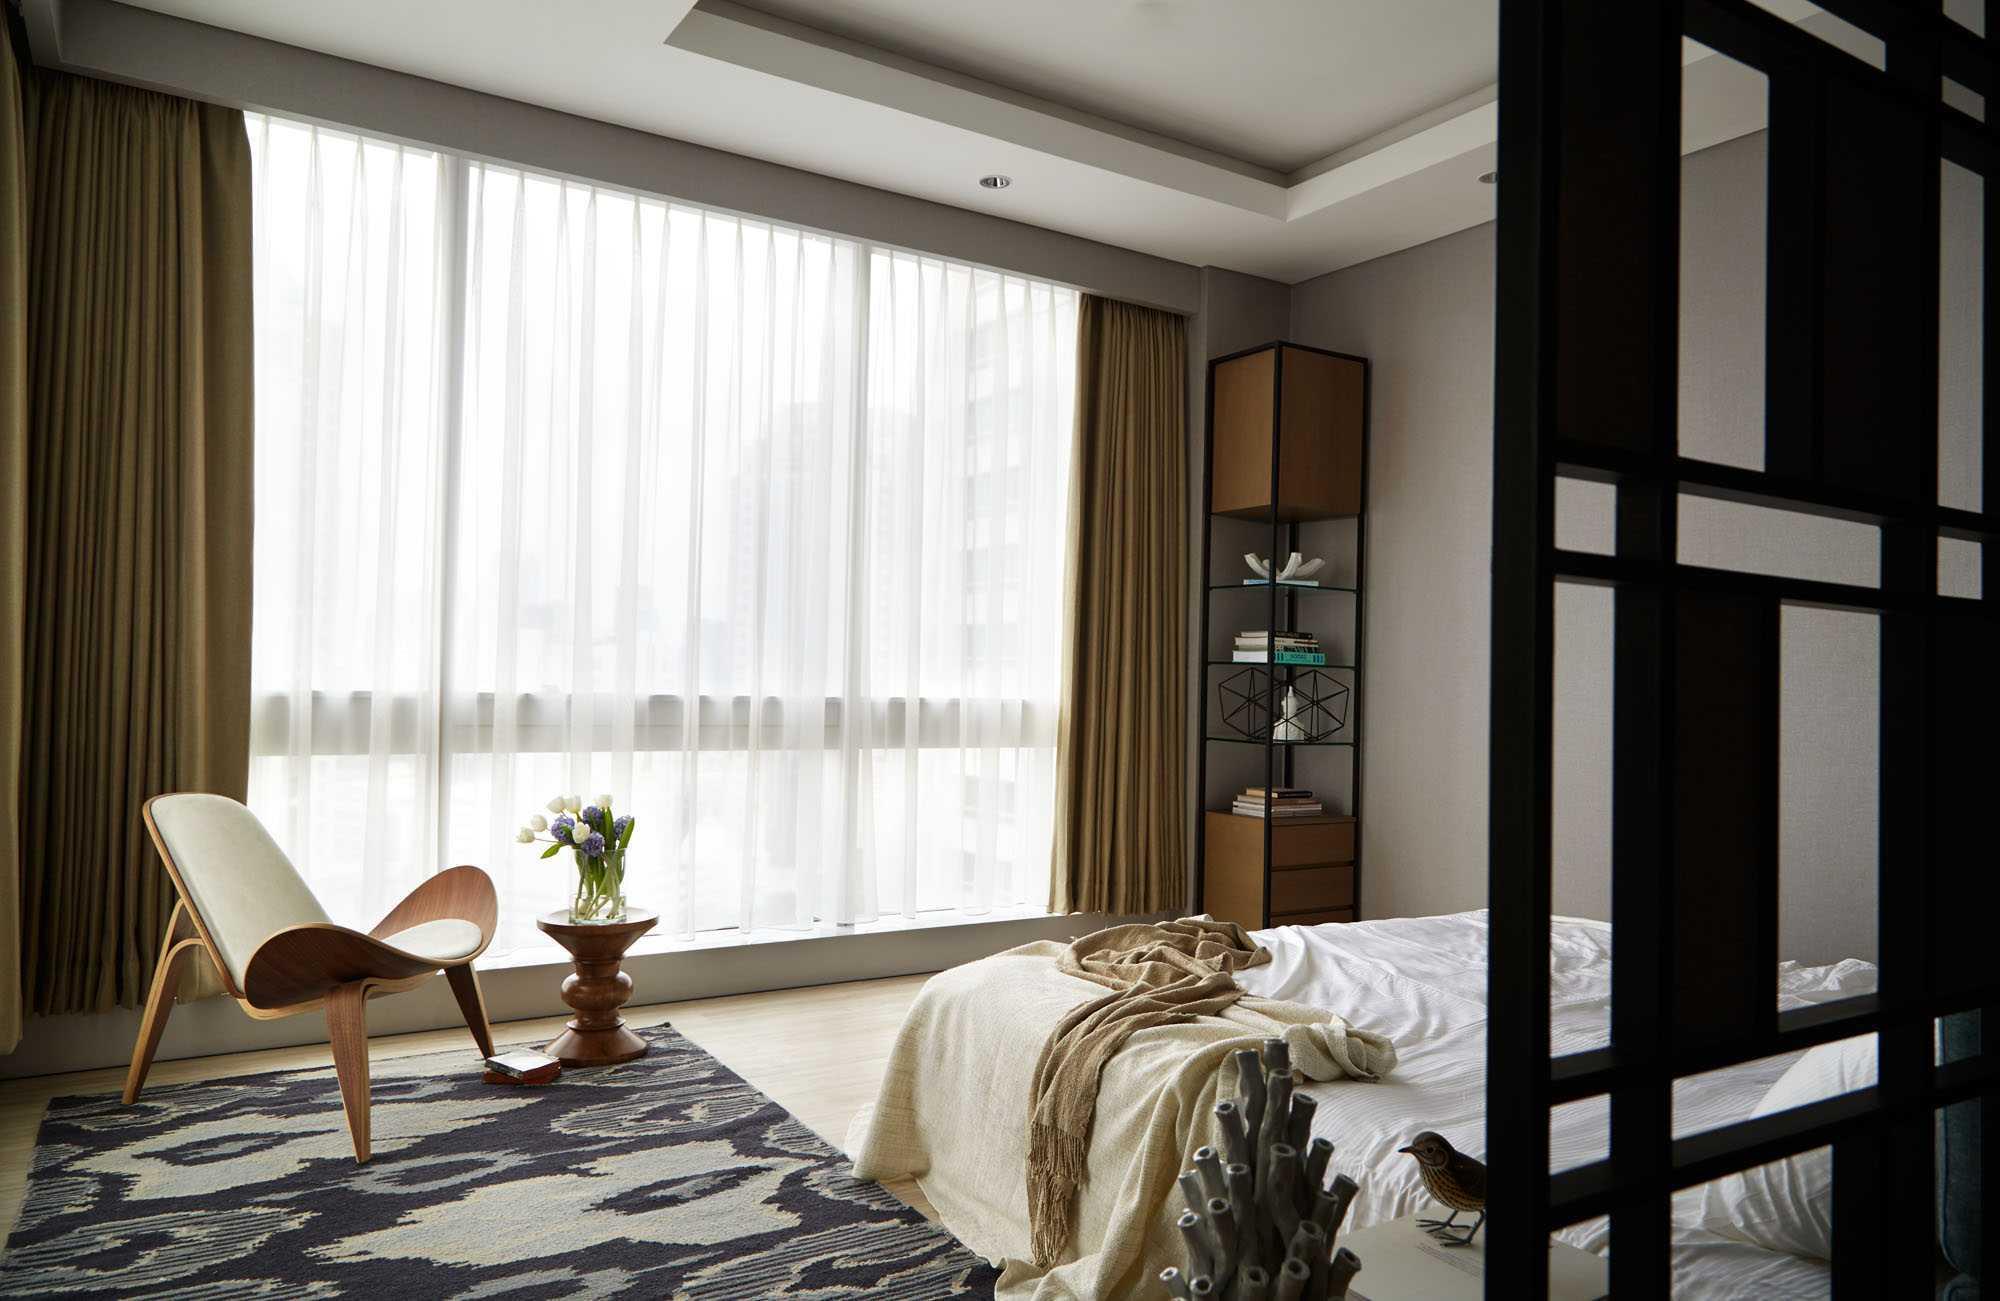 Kamar tidur Capital Residence bergaya skandinavia, karya Enviro Tec (Sumber: arsitag.com)